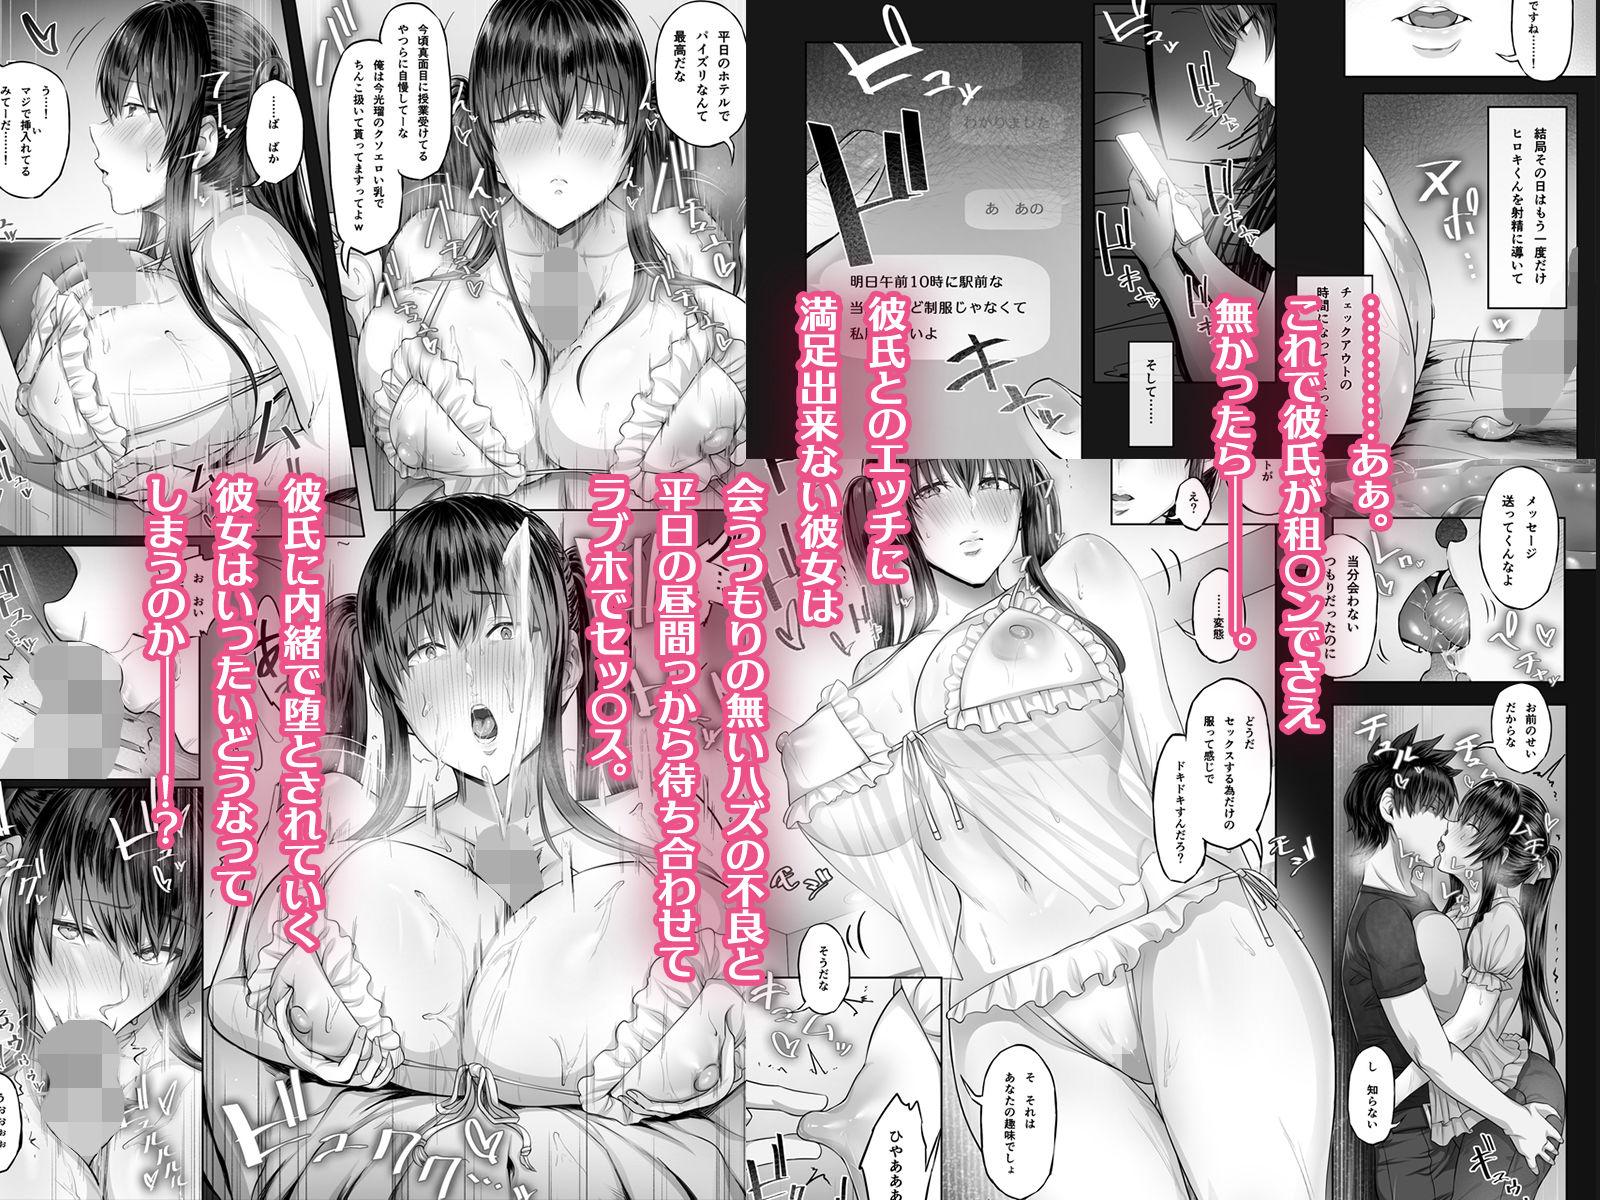 【エロ漫画】彼女がボクの知らないところで――2 地味で真面目な清楚娘が‥NTR!「サークル:Cior」【同人誌・コミック】#3